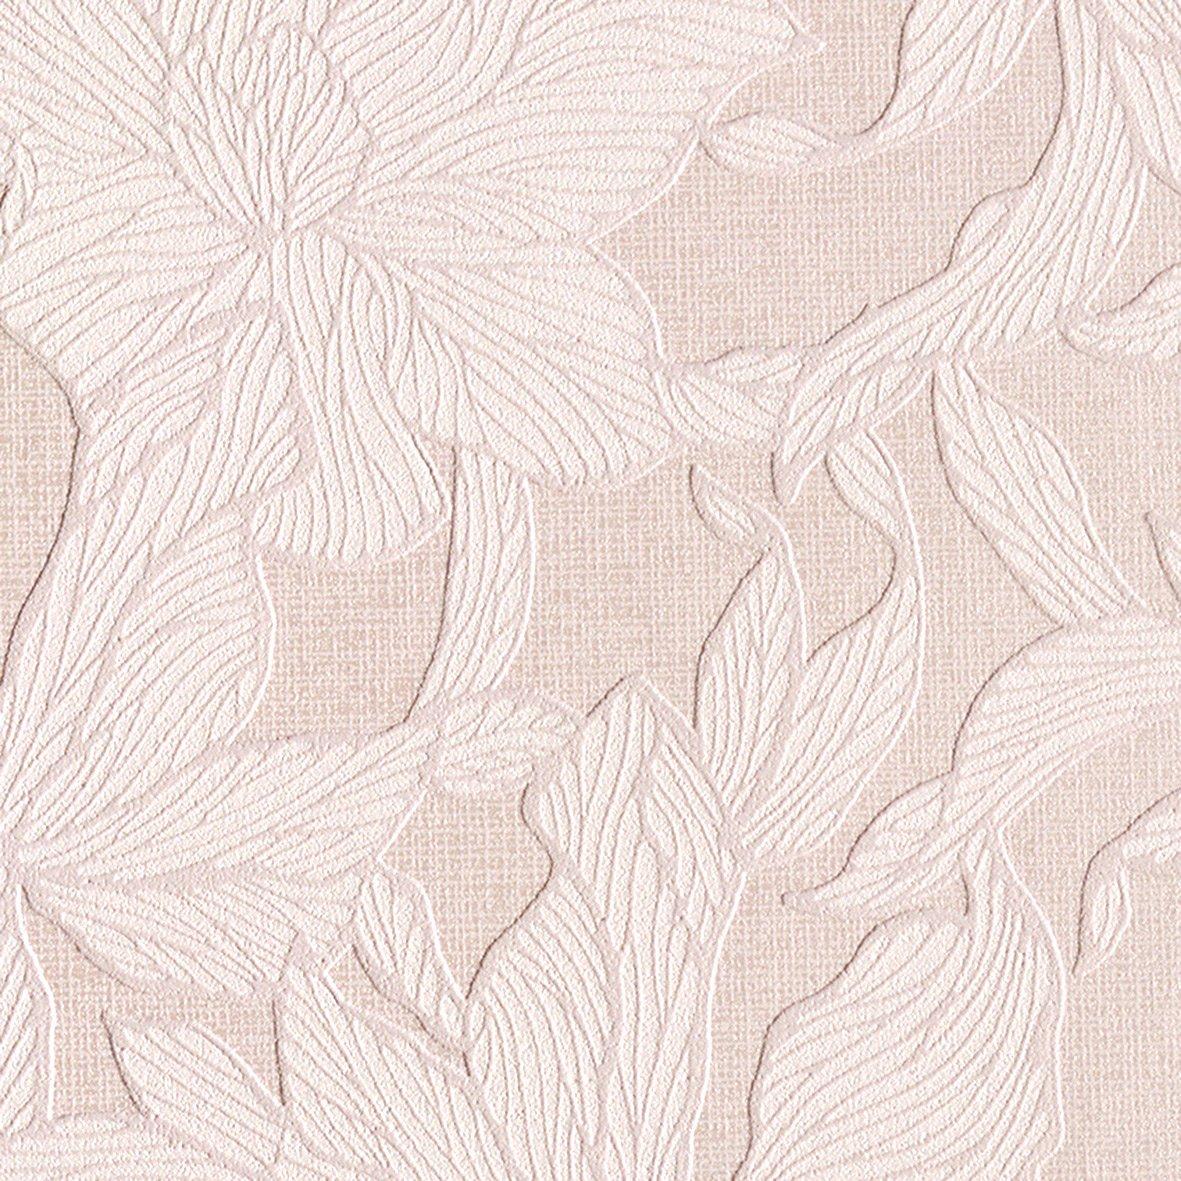 リリカラ 壁紙32m ナチュラル 花柄 ピンク 水廻り LV-6234 B01IHSWILA 32m|ピンク